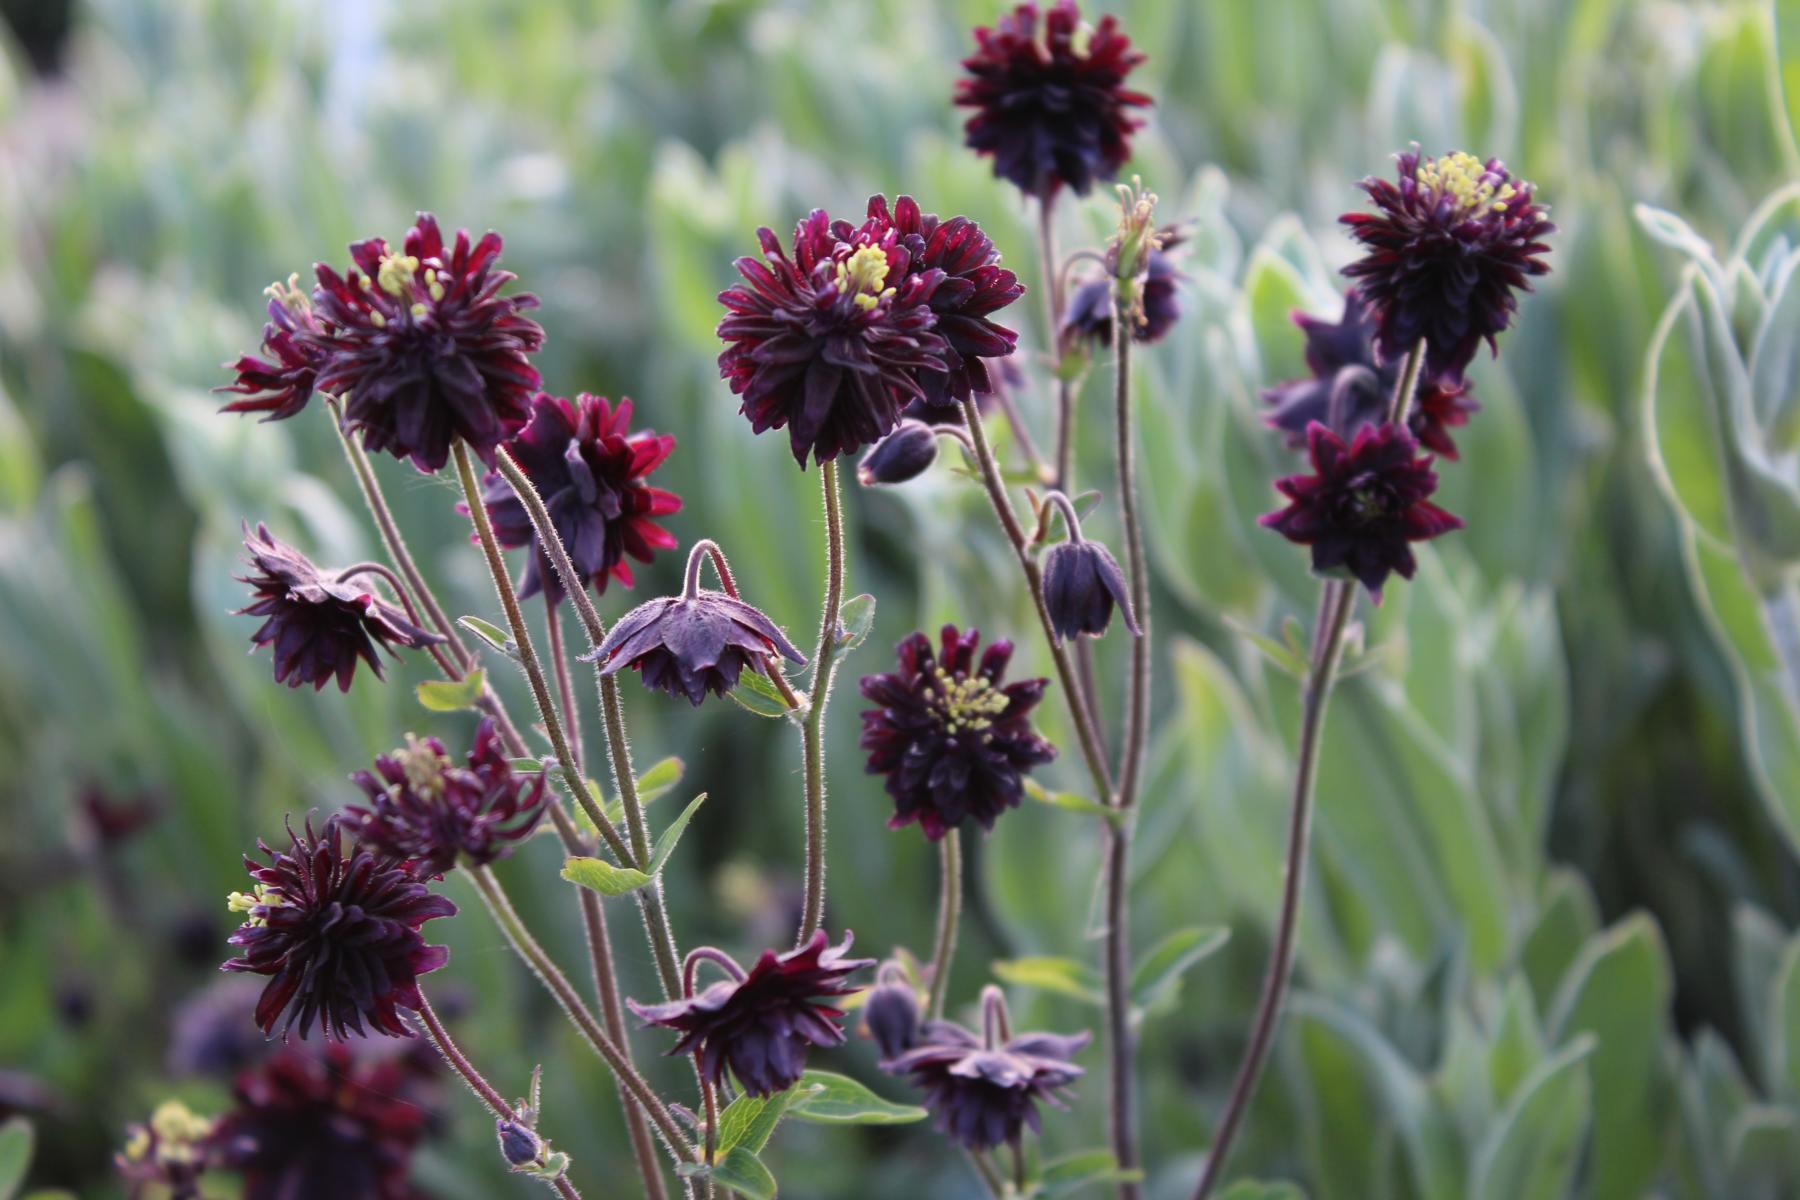 kurzs ige garten akelei aquilegia vulgaris black barlow aquilegia vulgaris blackbarlowqY3YVrDH8PiTE